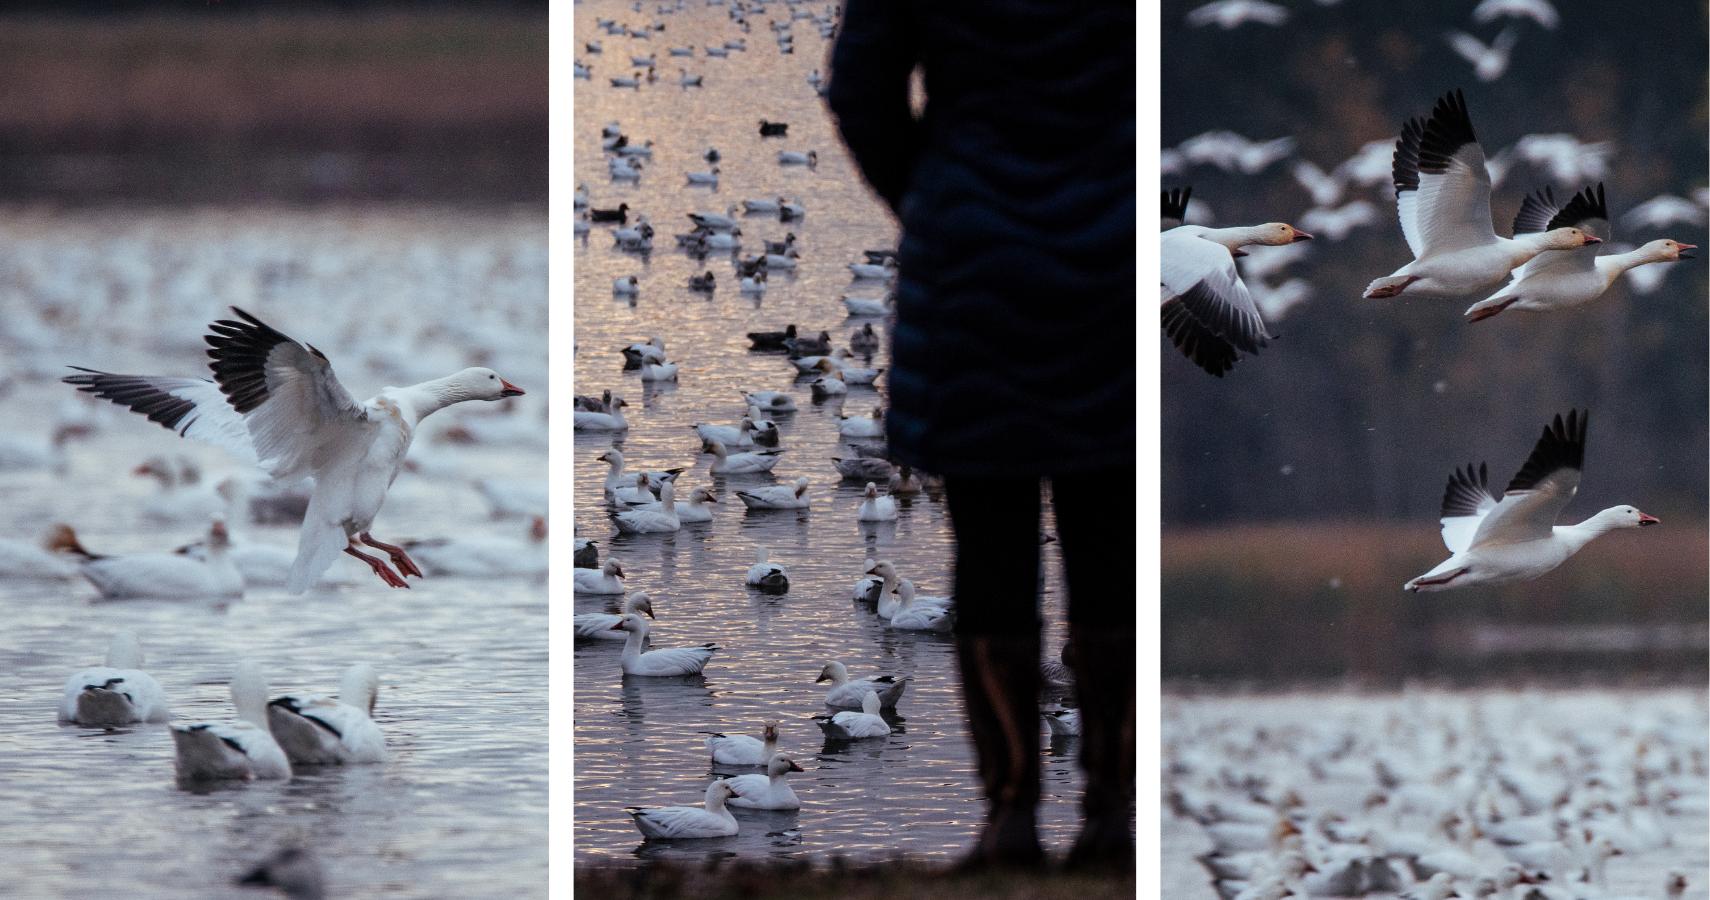 Le Réservoir-Beaudet: LA place pour voir des oies à l'automne! - Crédits photos: Les Maximes